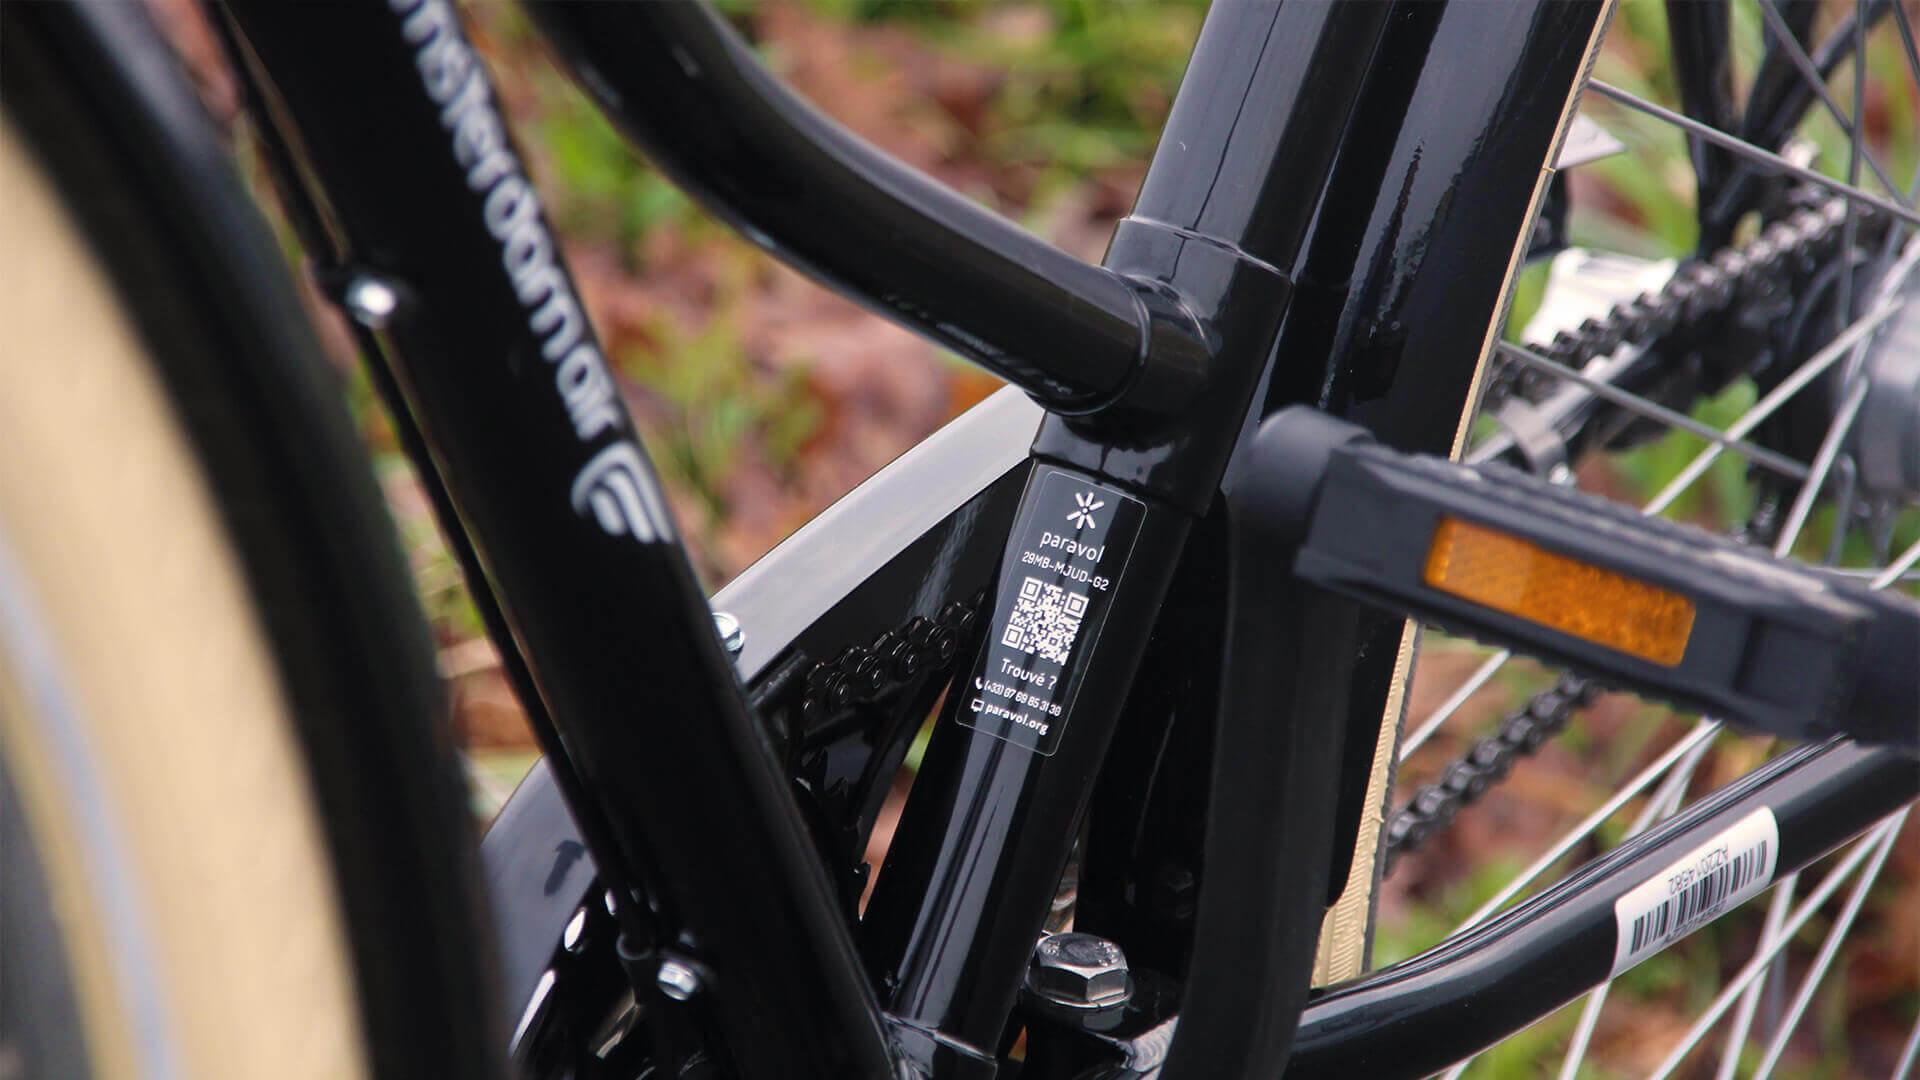 Étiquette Paravol sur cadre de vélo hollandais Amsterdam Air